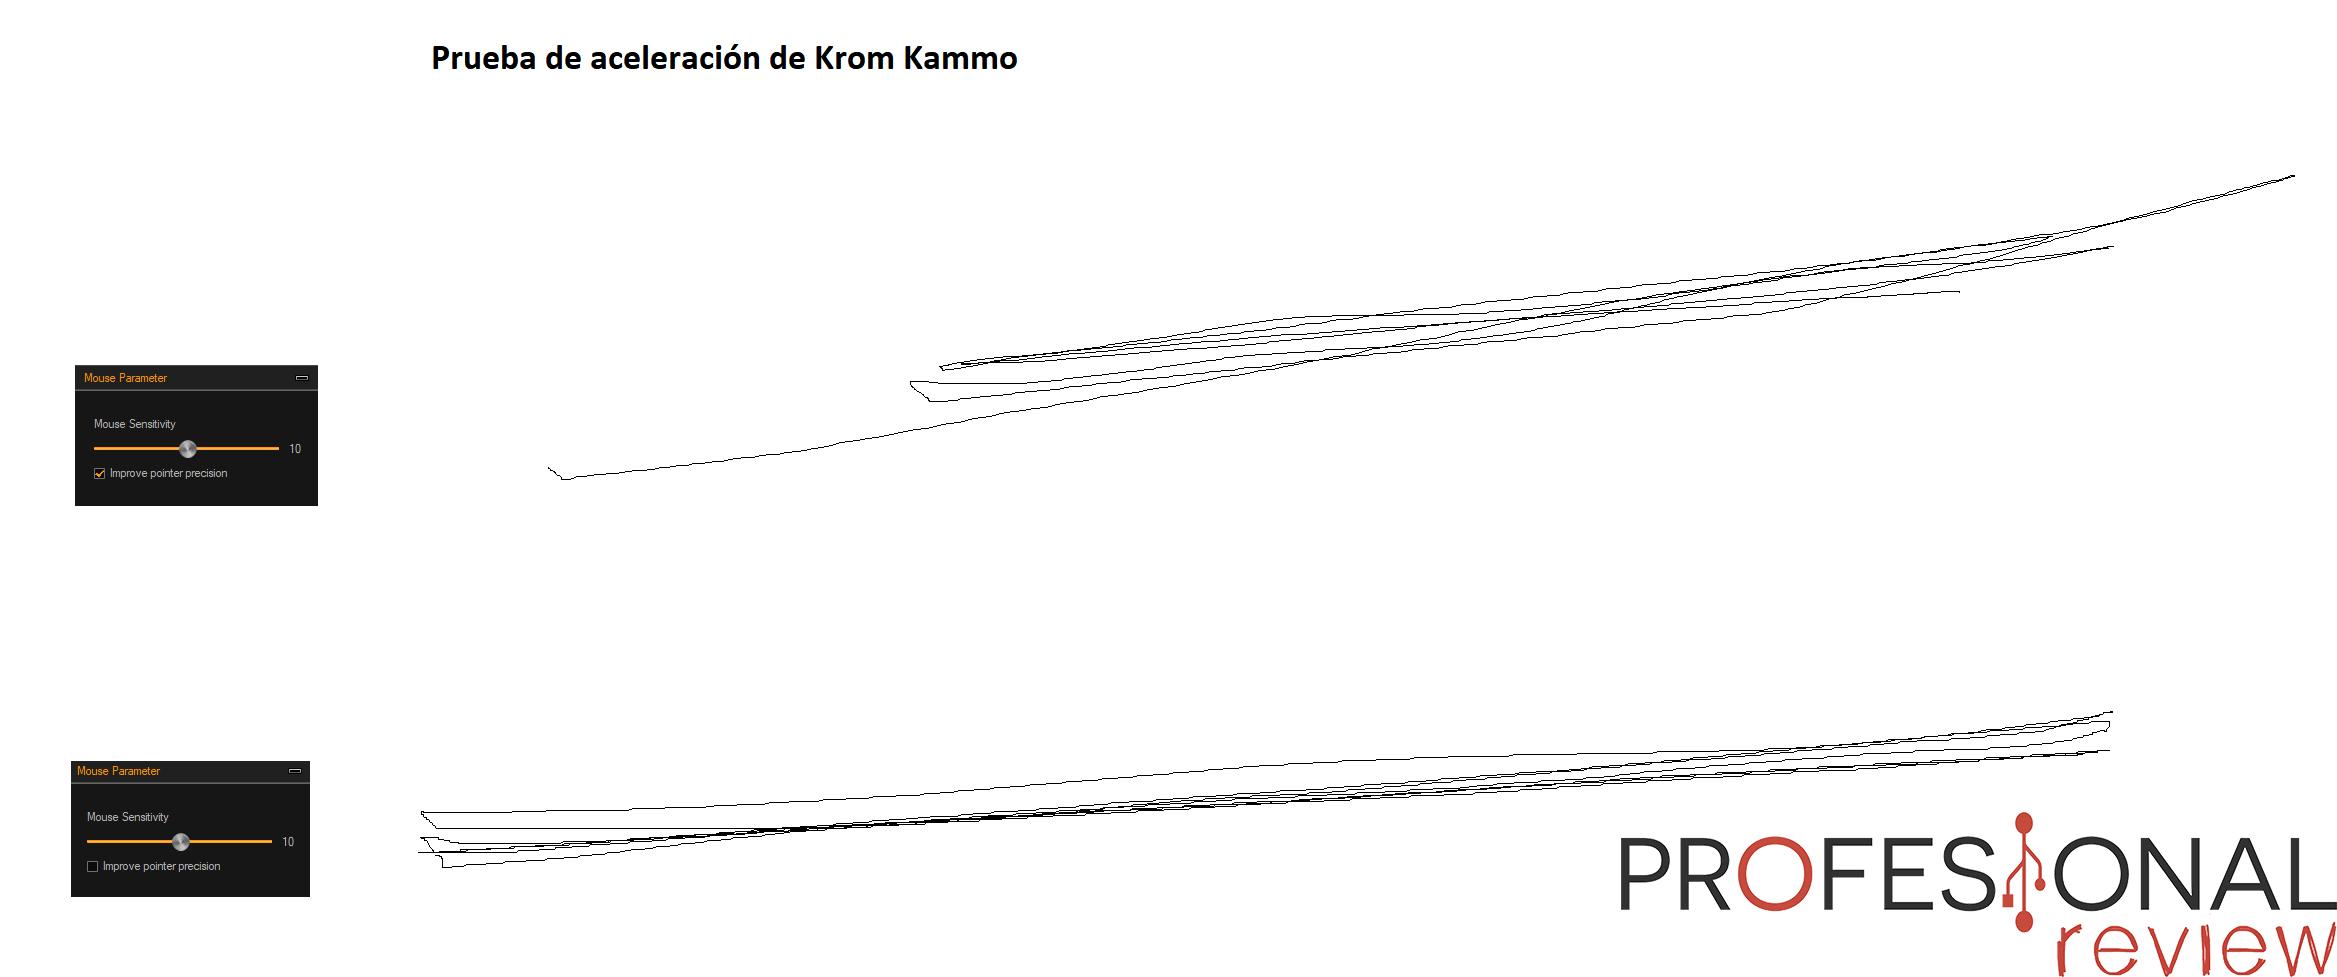 Krom Kammo aceleración